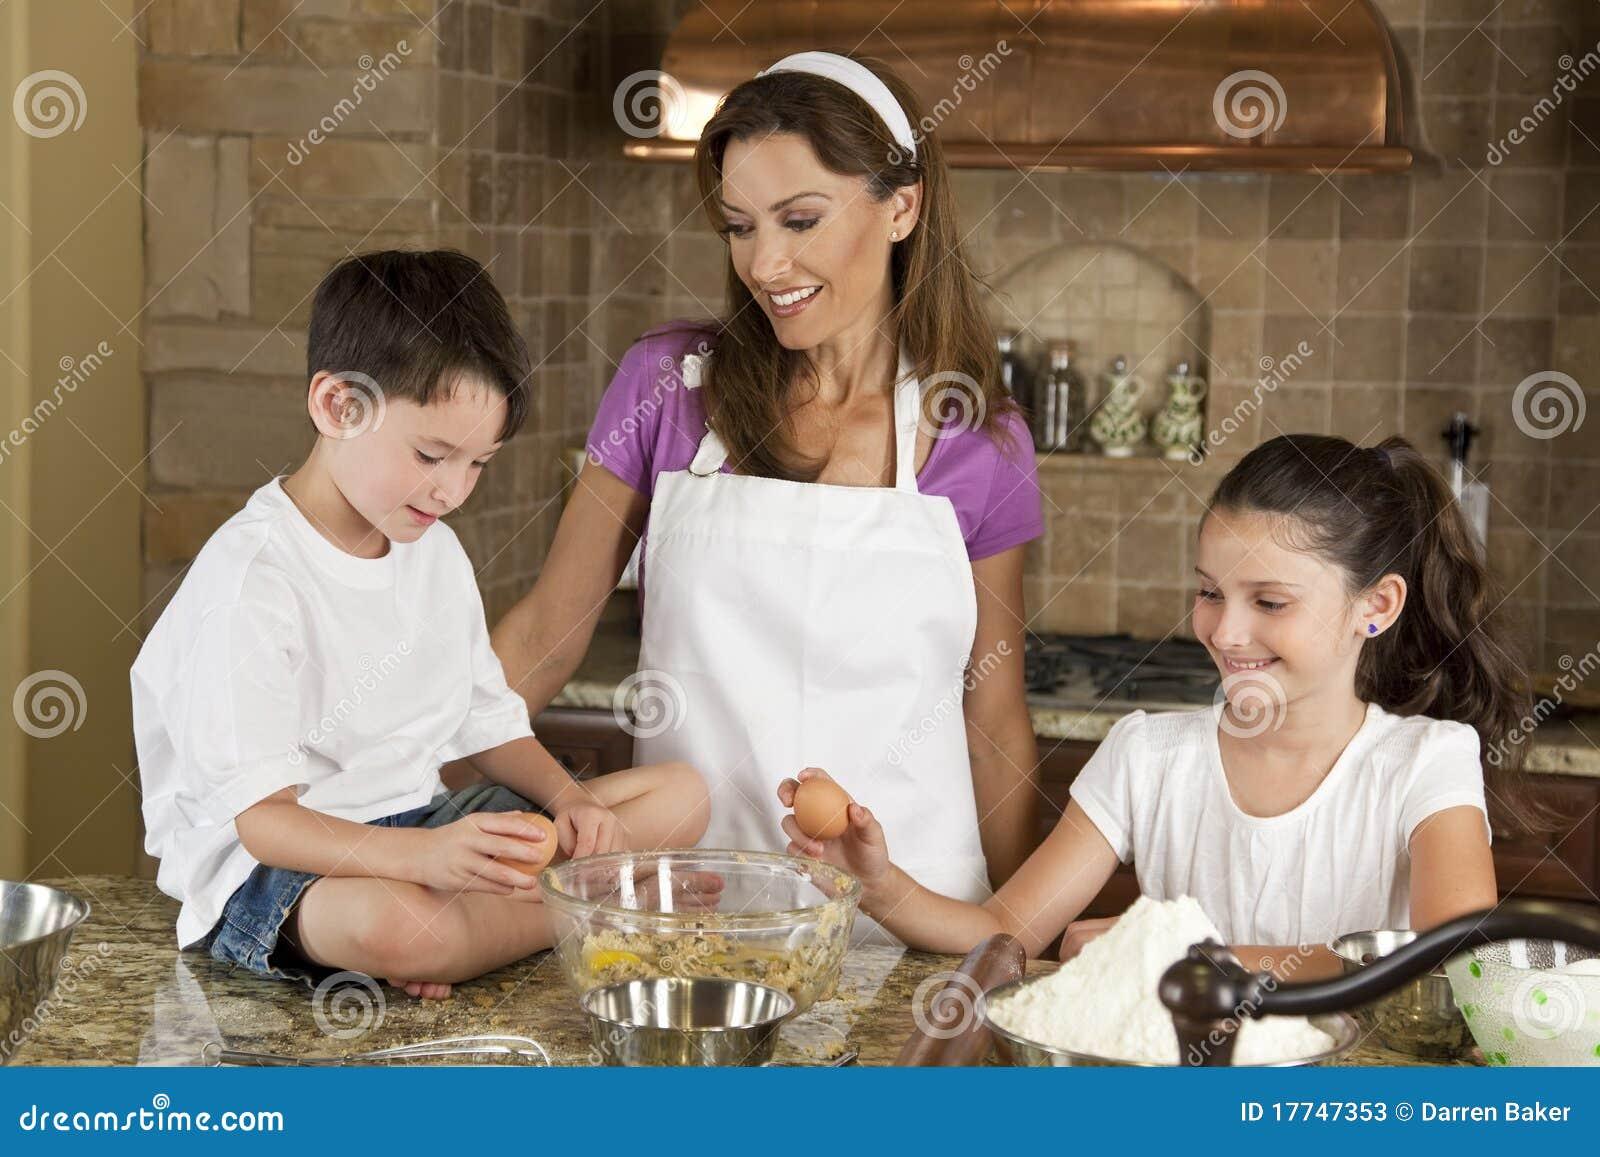 С мамкой на кухне, Мама и сын на кухне - смотреть порно онлайн или скачать 26 фотография